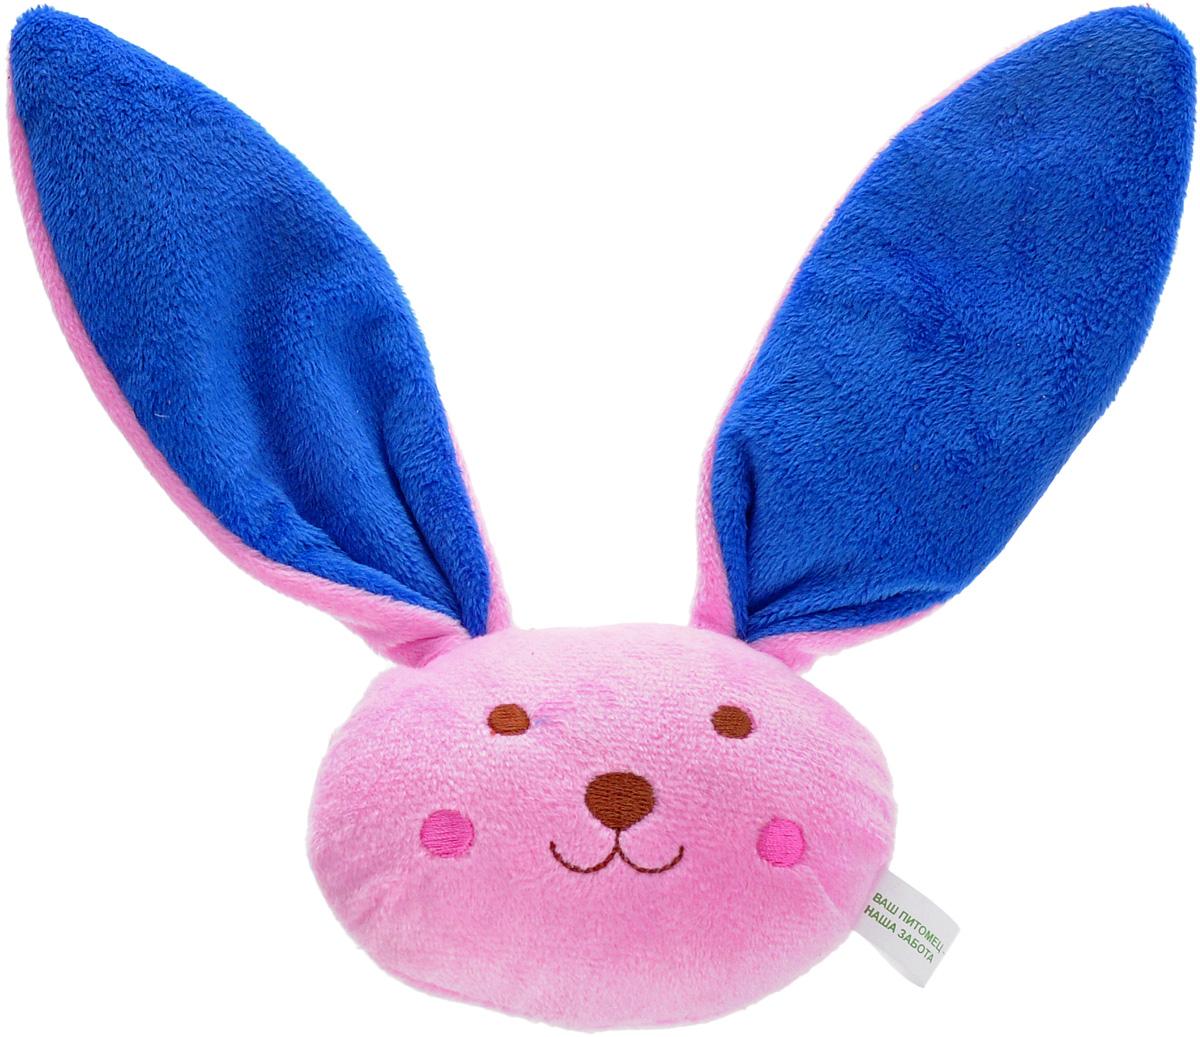 Игрушка для животных GLG Большие Ушки. Заяц, 24 х 16 х 5 см игрушка для животных каскад удочка с микки маусом 47 см